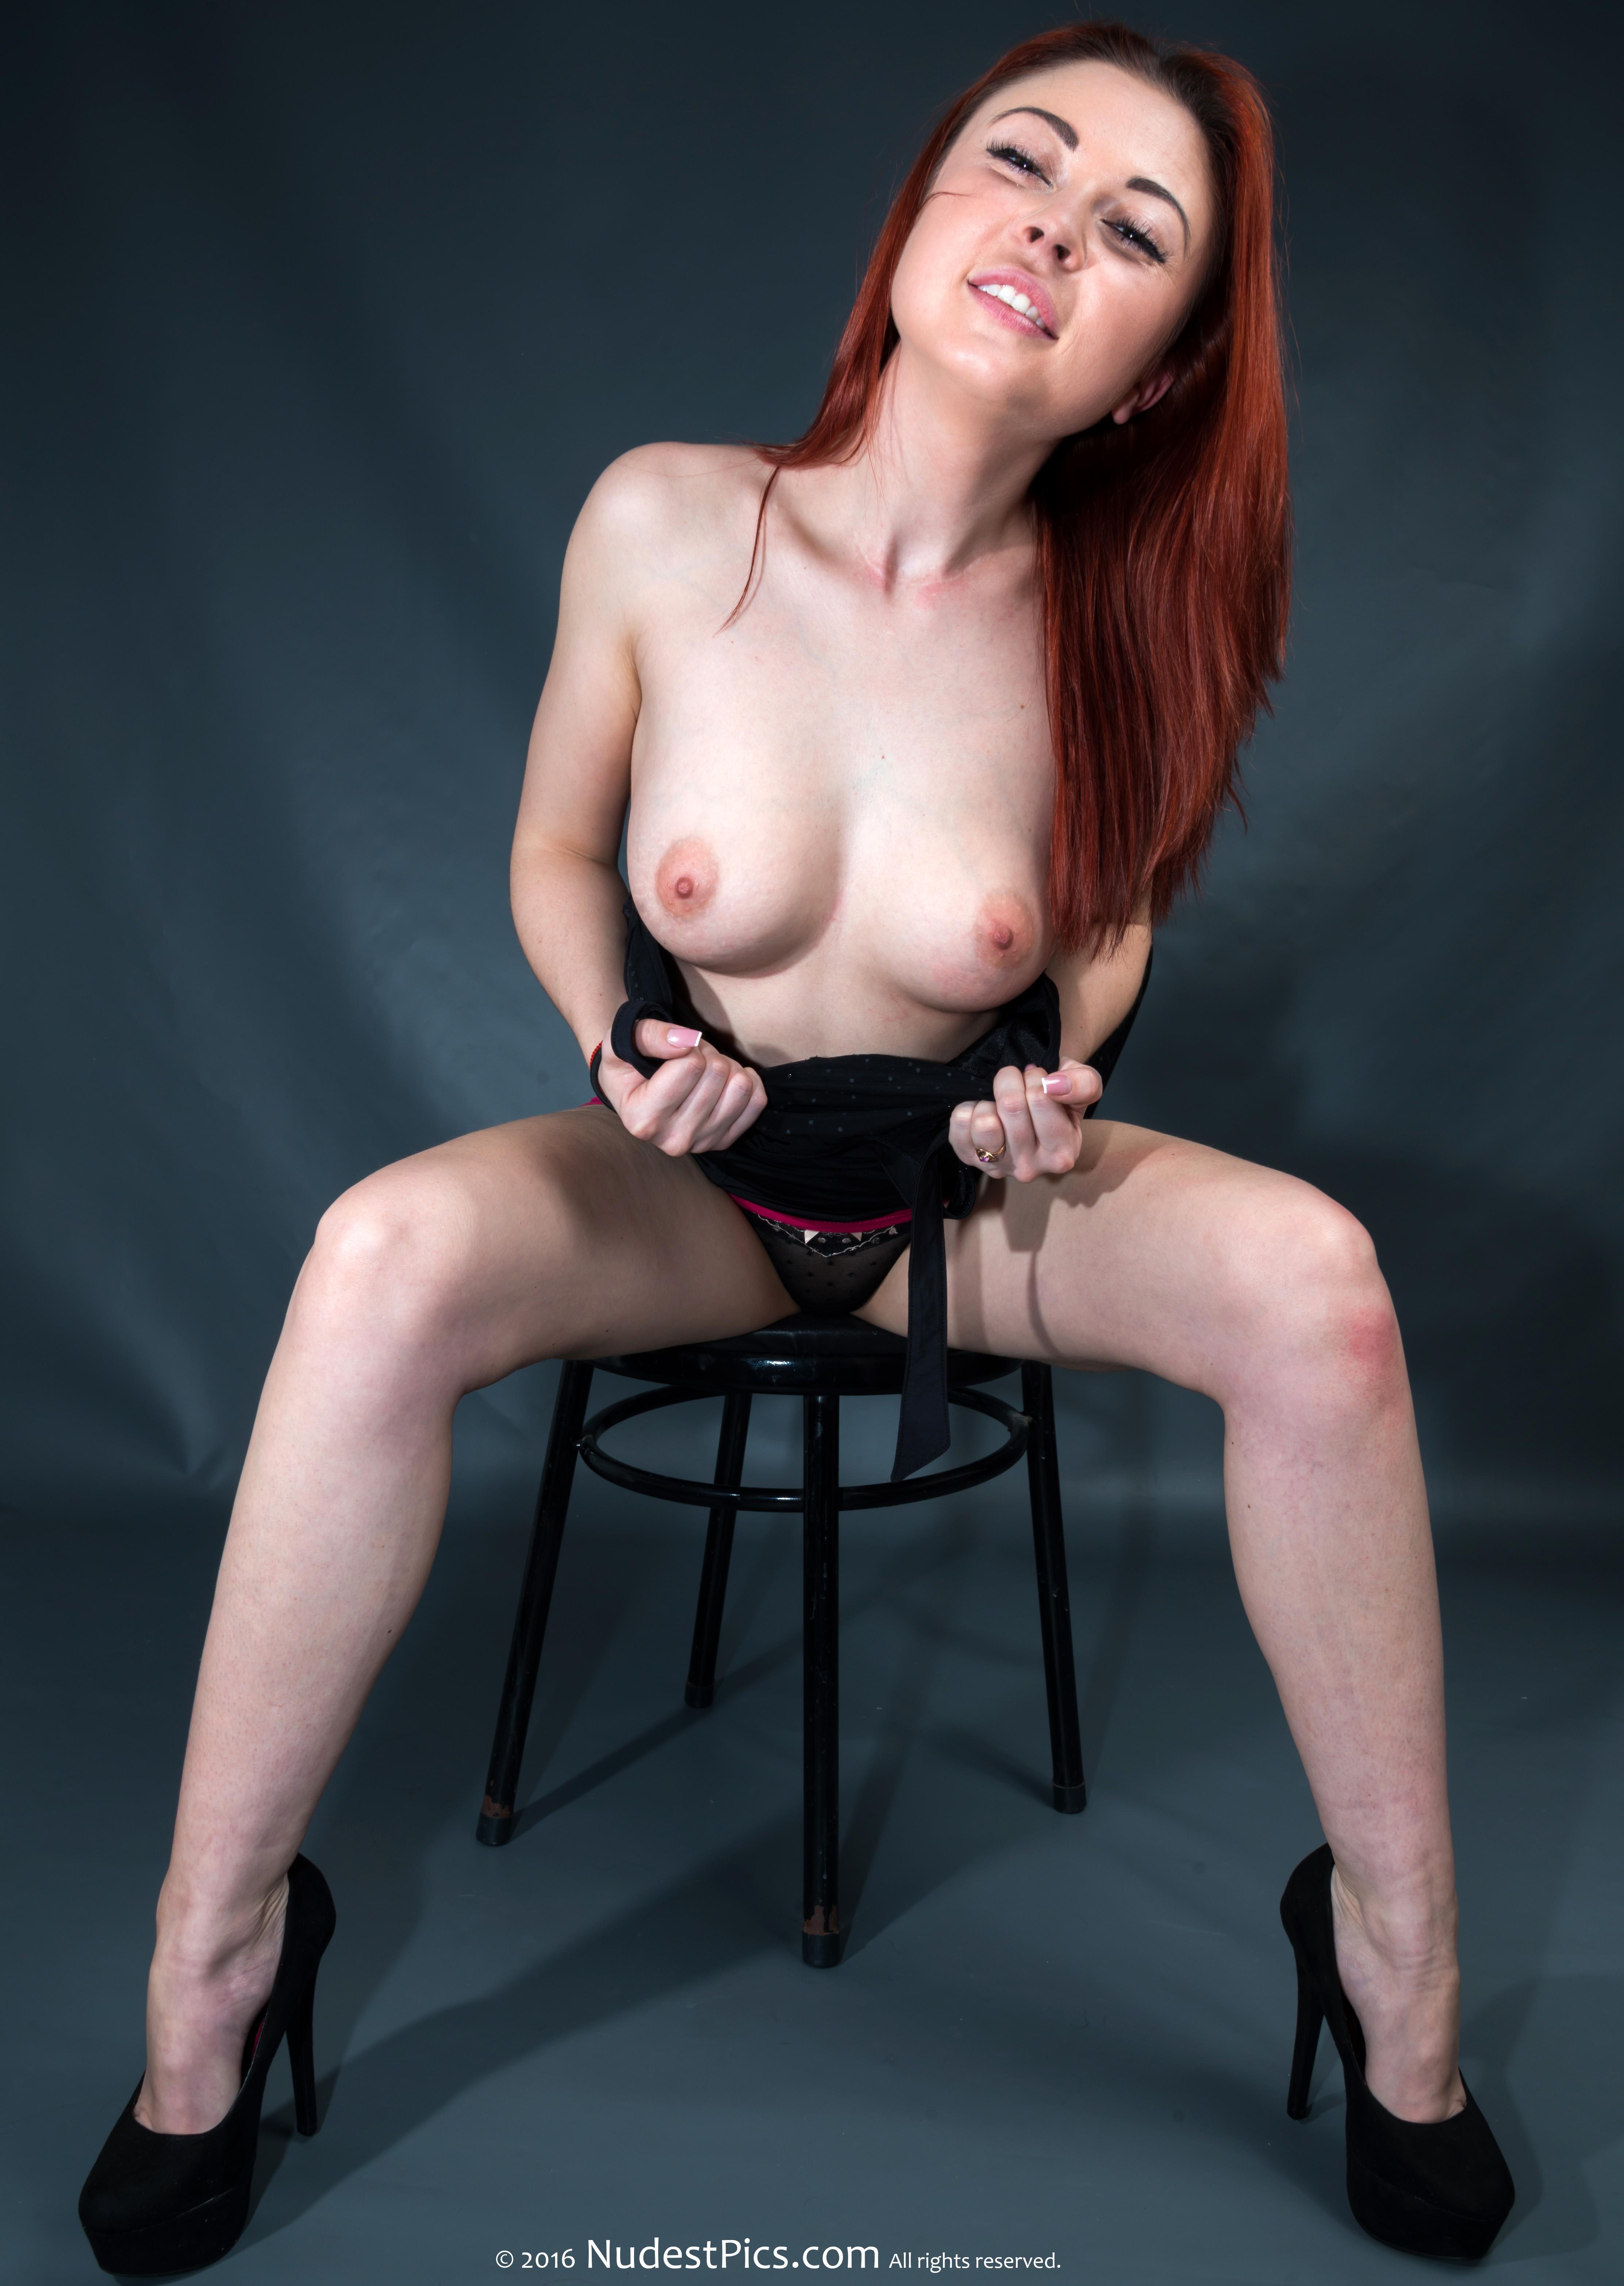 Pretty Cool Redhead Flashing Ukrainian Small Tits